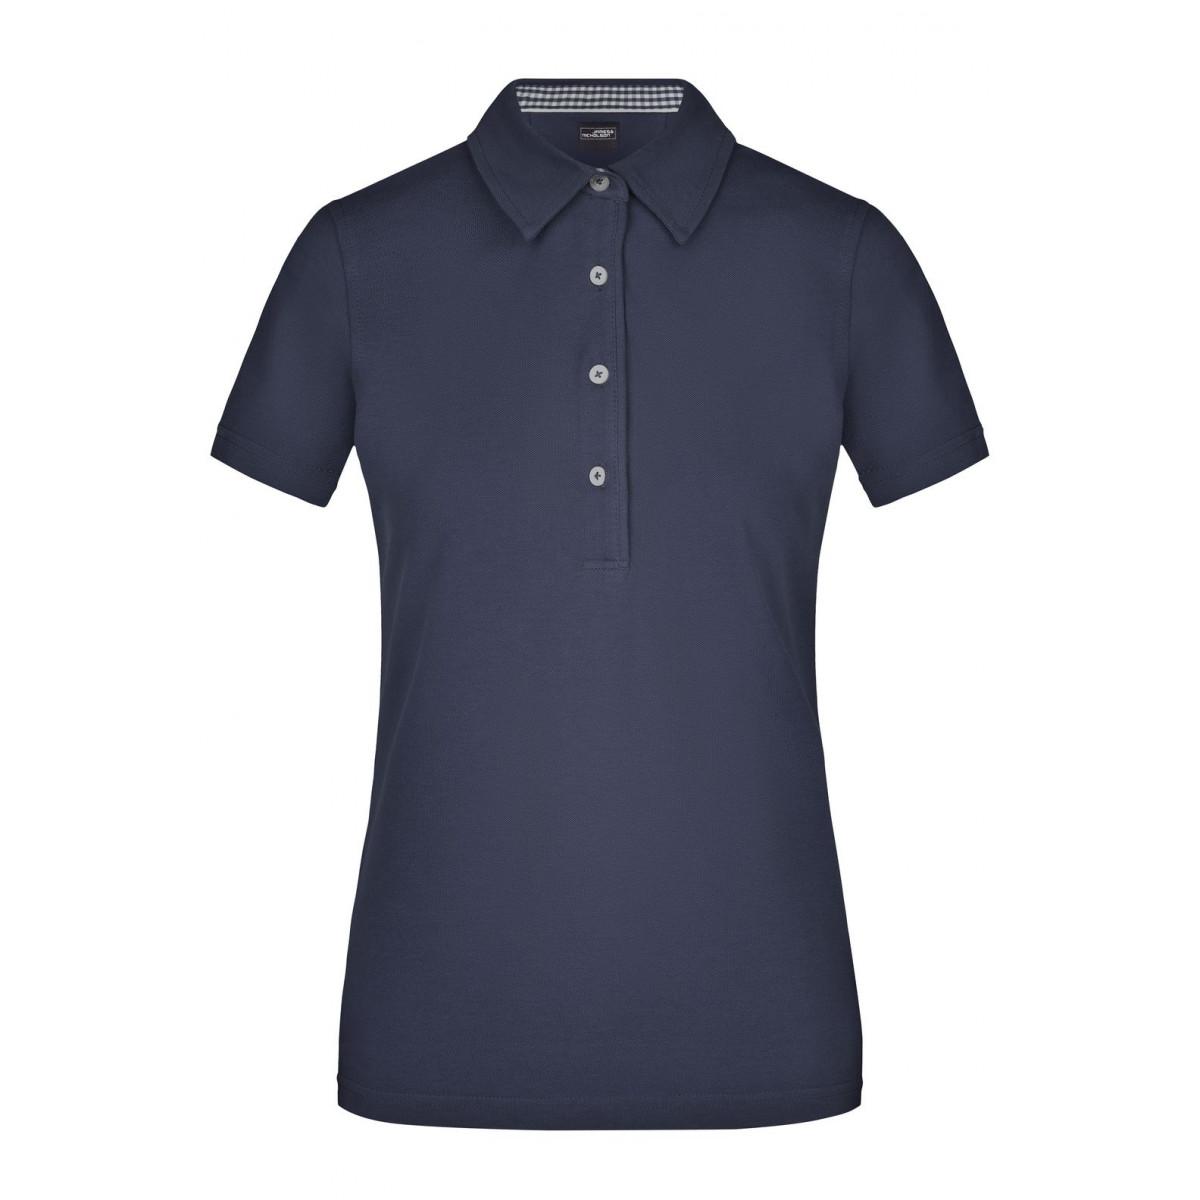 Рубашка поло женская JN969 Ladies Plain Polo - Темно-синий/Темно-синий-Белый